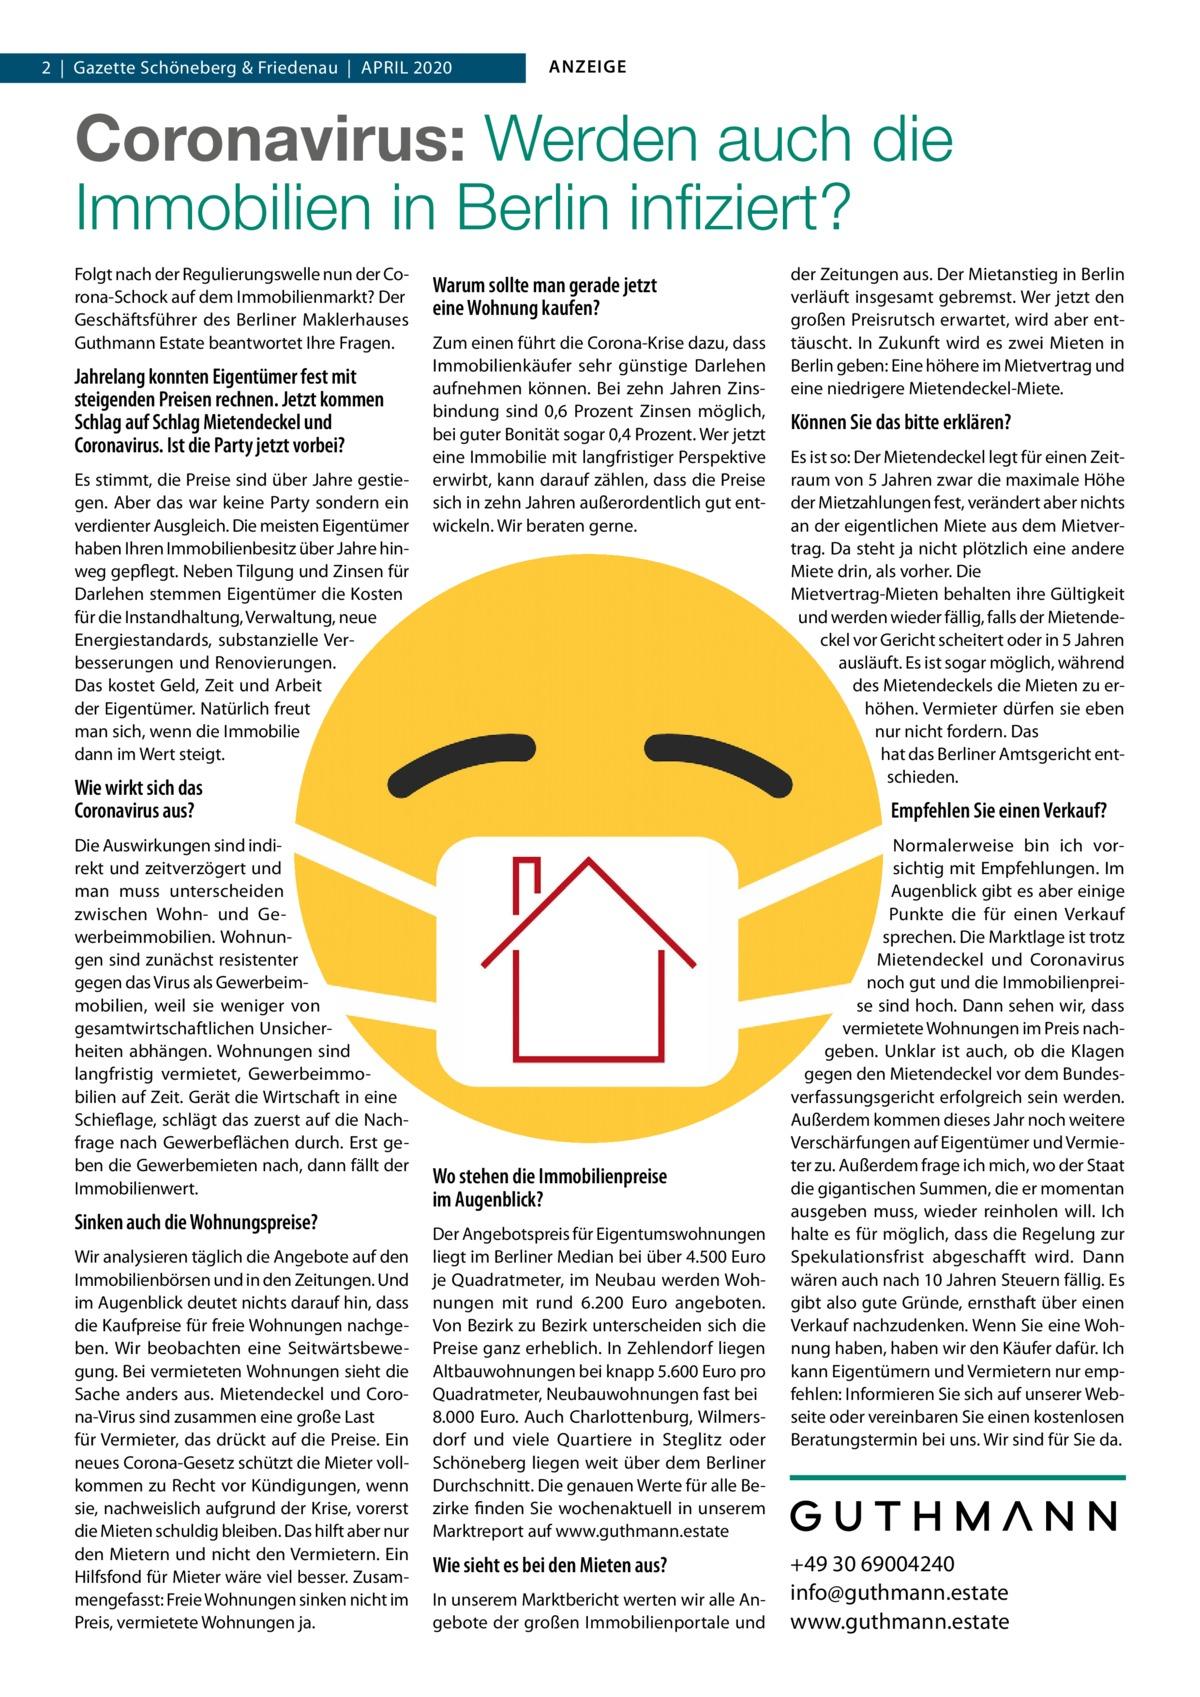 1 |Gazette |Schöneberg 2020|Datei: & Guthmann-2020-04.indd 2|Gazette Friedenau|April 2020  ANZEIGE  Coronavirus, Mietendeckel, Wirtschaftsflaute:  Wie sicher sind Immobilien in Berlin noch? Wie sieht es bei den Mieten aus? In unserem Marktbericht werten wir alle Angebote der großen Immobilienportale und der Zeitungen aus. Der Mietanstieg in Berlin verläuft insgesamt gebremst. Wer jetzt den großen Preisrutsch erwartet, wird aber enttäuscht werden. In Zukunft wird es zwei Mieten in Berlin geben: Eine höhere im Mietvertrag und eine niedrigere Mietendeckel-Miete.  Können Sie das bitte erklären?  Folgt nach der Regulierungswelle nun der Corona-Schock auf dem Immobilienmarkt? Der Geschäftsführer des Berliner Maklerhauses Guthmann Estate und Gründer der digitalen Hausverwaltung Estate Services im Gespräch.  Herr Guthmann, jahrelang konnten Eigentümer fest mit steigenden Preise rechnen. Jetzt kommen Schlag auf Schlag Mietendeckel und Coronavirus. Ist die Party vorbei? Es stimmt, die Preise sind über Jahre gestiegen. Aber das war keine Party sondern ein verdienter Ausgleich. Die meisten Eigentümer haben Ihren Immobilienbesitz über Jahre hinweg gepflegt. Neben Tilgung und Zinsen für Darlehen stemmen Eigentümer die Kosten für die Instandhaltung, Verwaltung, neue Energiestandards, substanzielle Verbesserungen und Renovierungen. All das kostet Geld, Zeit und Arbeit der Eigentümer. Natürlich freut man sich, wenn die Immobilie dann im Wert steigt! Derzeit sehe ich nicht, dass substanzielle Wertverluste drohen. Allerdings bleiben die radikalen Regulierungsmaßnahmen durch rot-rot-grün und auch der Coronavirus nicht ohne Auswirkungen.  Wie wirkt sich das Coronavirus aus? Die Auswirkungen sind indirekt und zeitverzögert. Und man muss differenzieren zwischen Wohn- und Gewerbeimmobilien. Wohnungen sind resistenter gegen das Virus als Gewerbeimmobilien, weil sie weniger stark von ge samtwirtschaftlichen Unsicherheiten abhängen. Eine Wohnung ist langfristig vermietet, Gewerbeimmobilien im